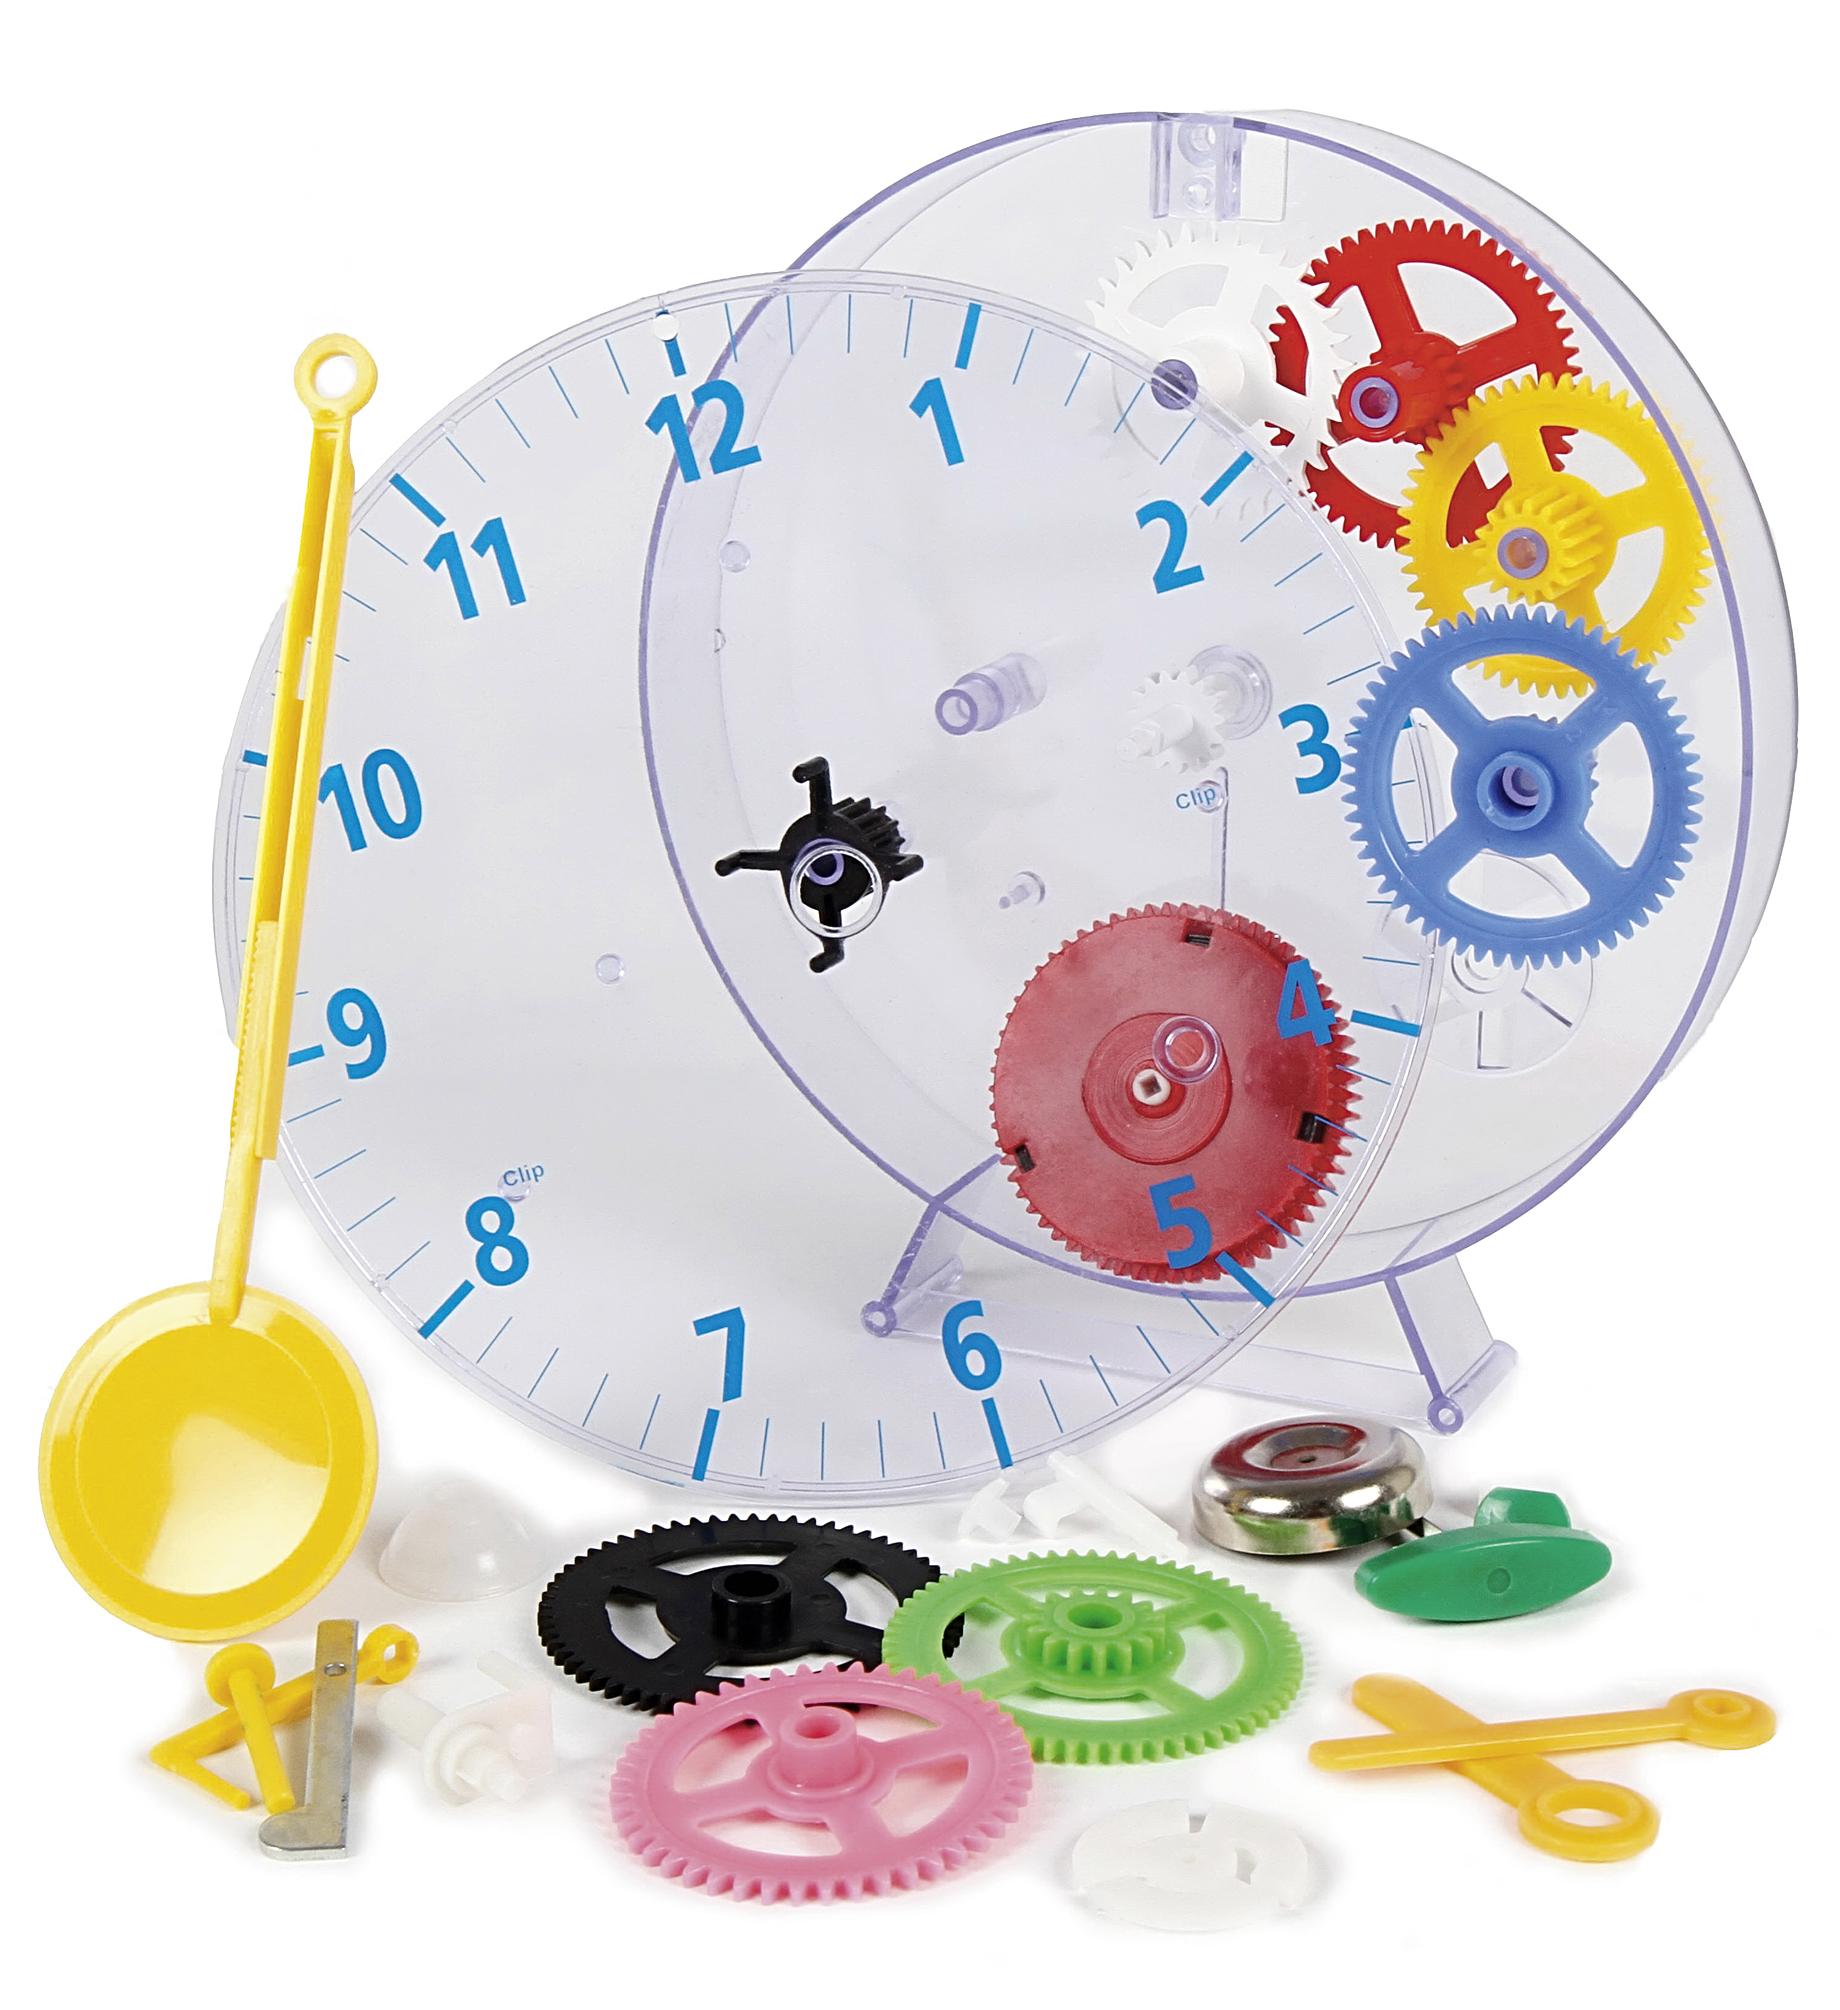 Bausatz My First Clock